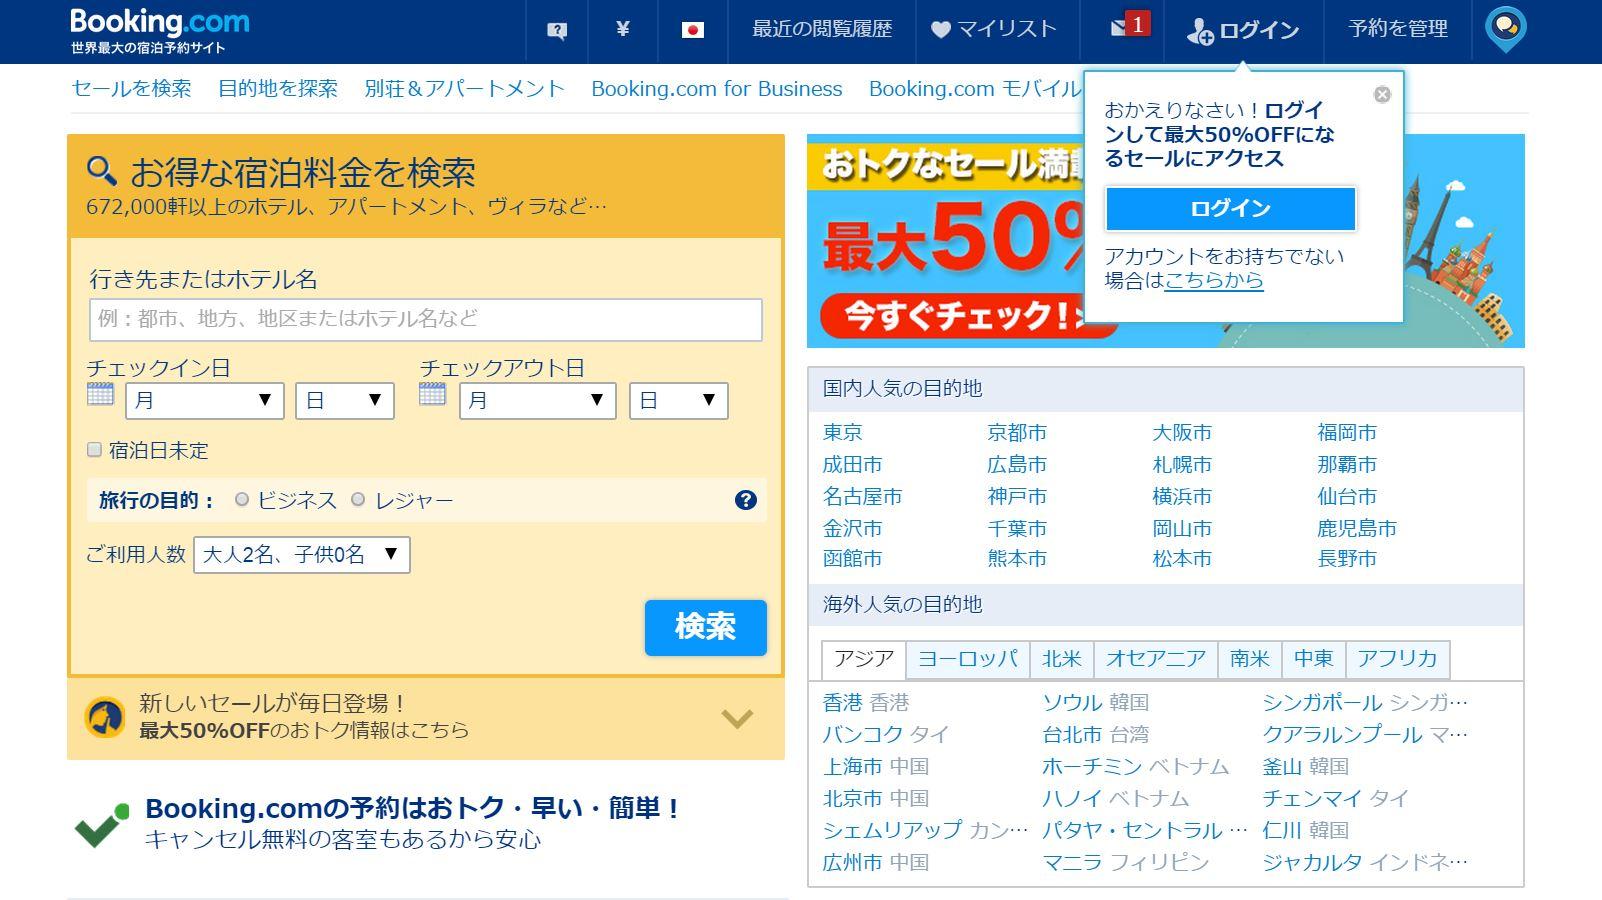 ブッキングドットコムの日本語サイト  http://www.booking.com/